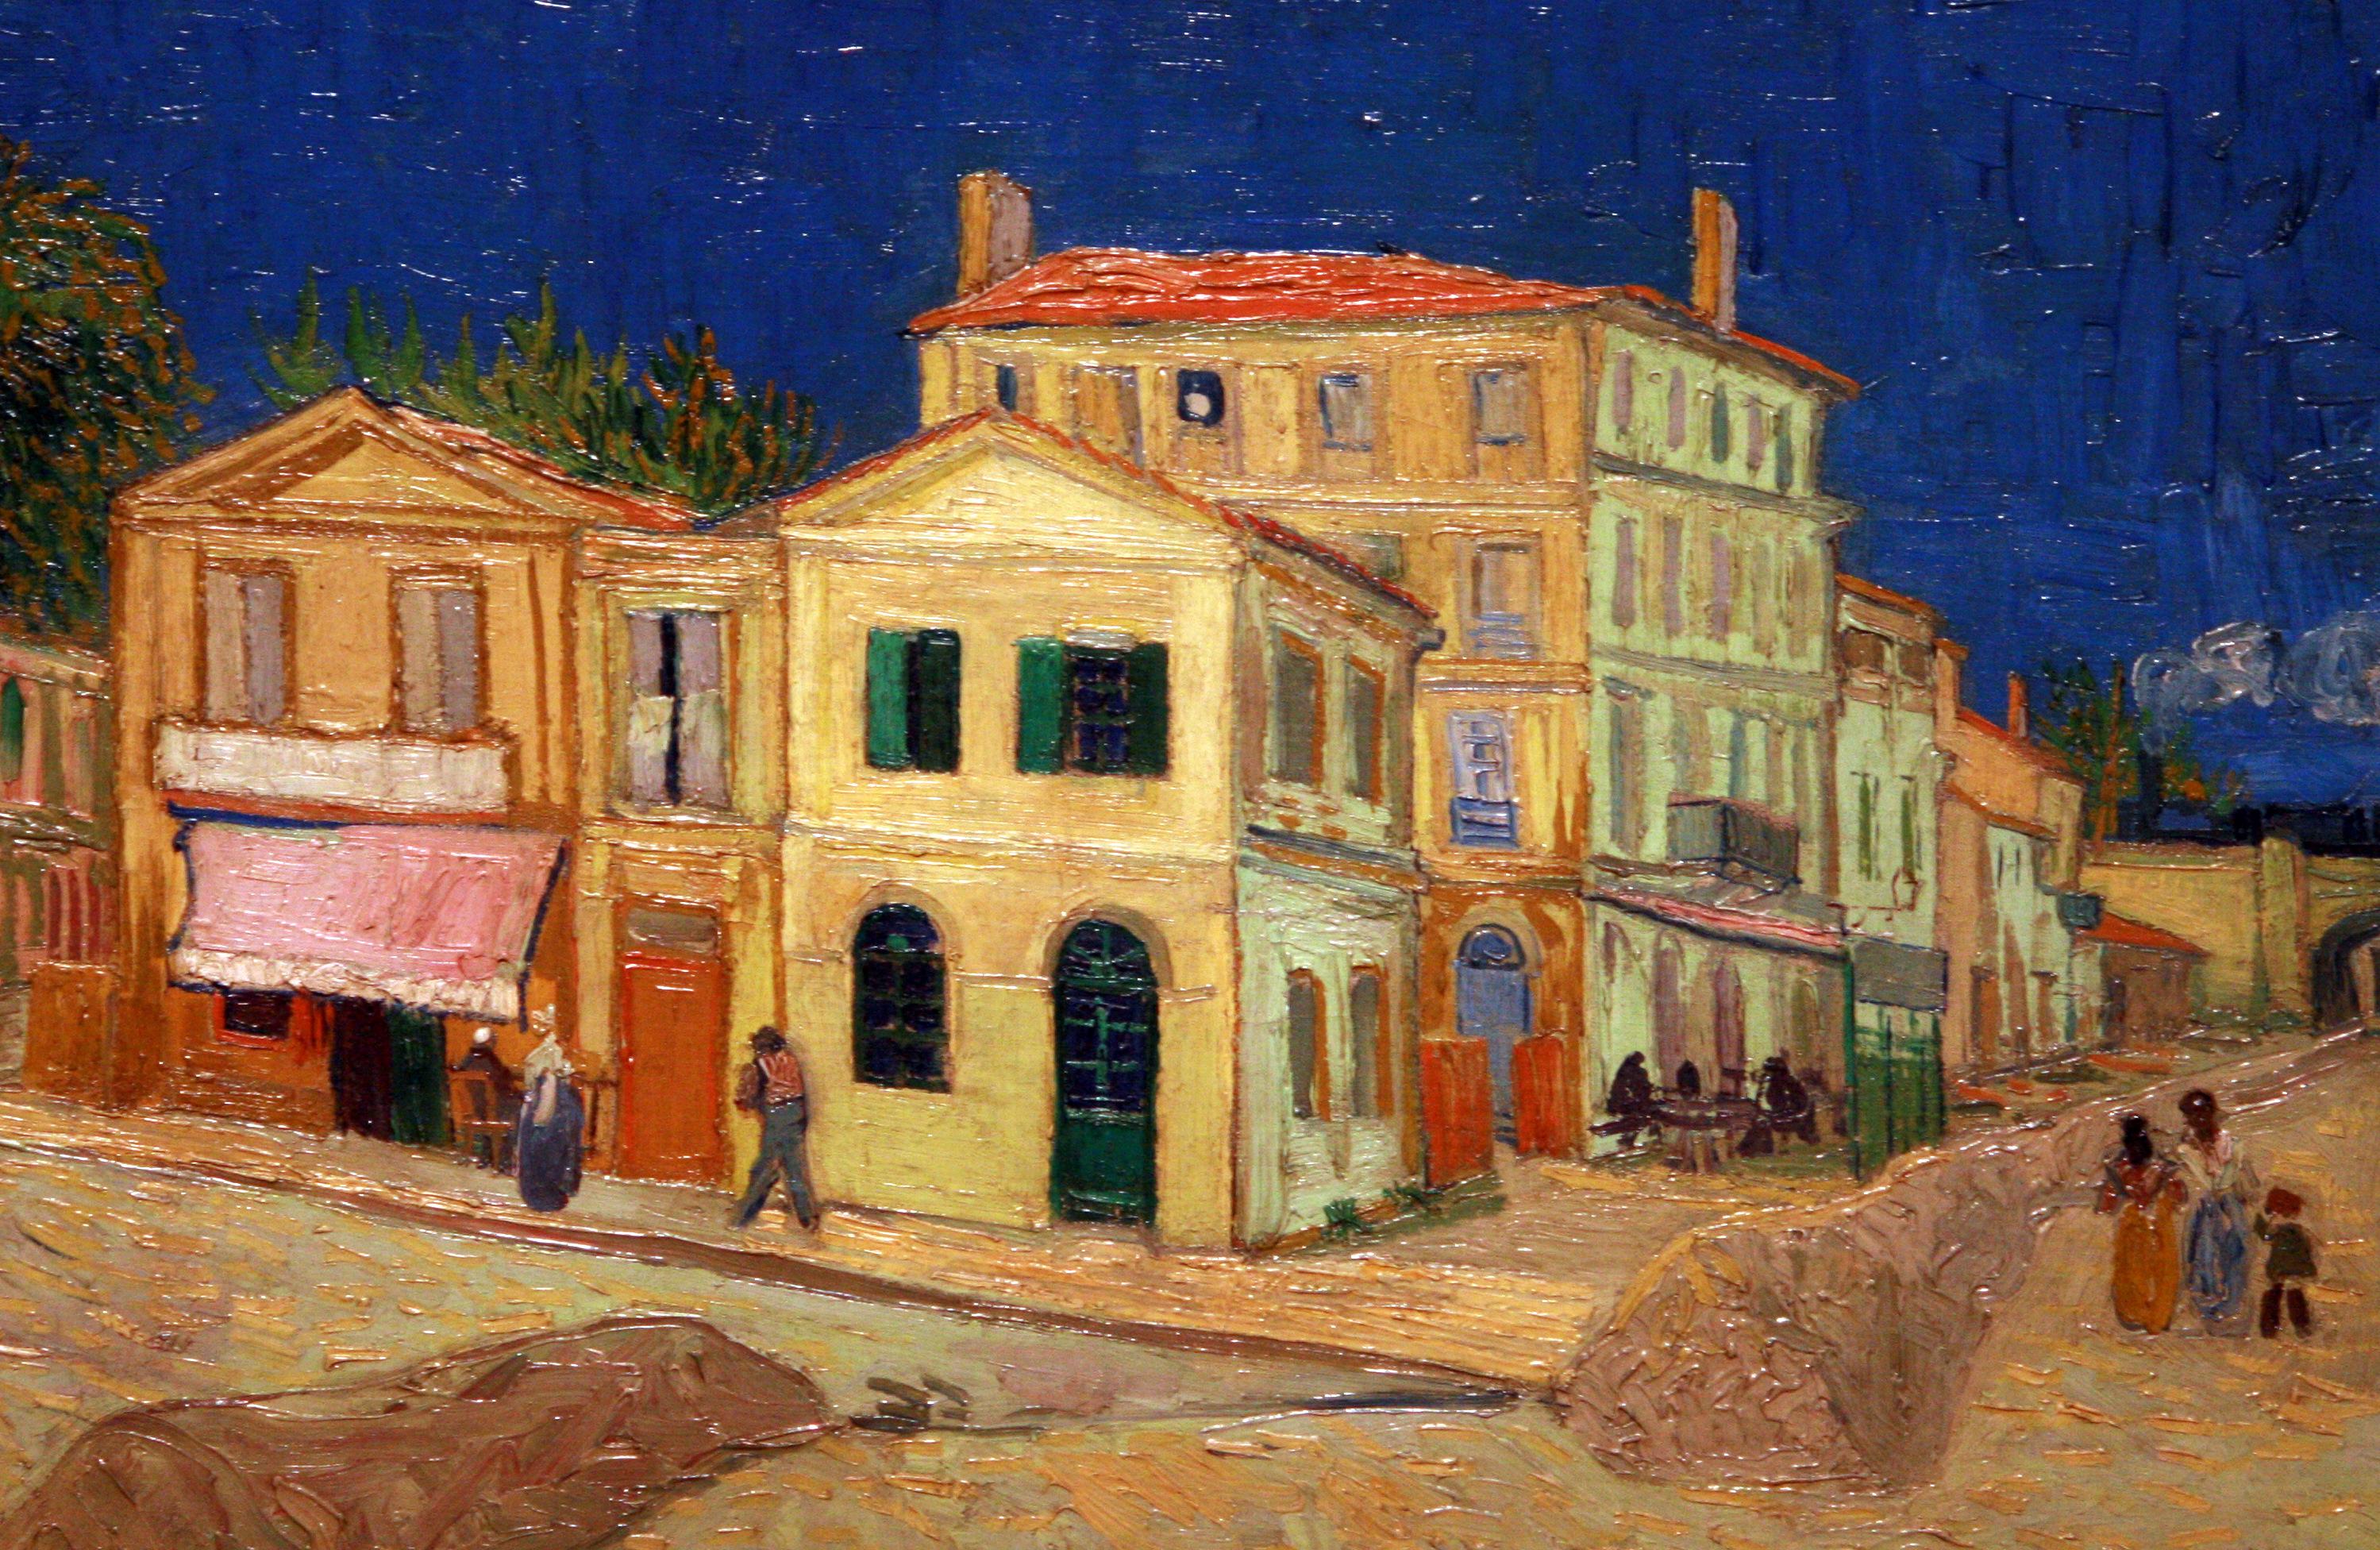 File wlanl techdiva 1 0 het gele huis de straat vincent van gogh 1888 jpg wikimedia for De ingang van het huis